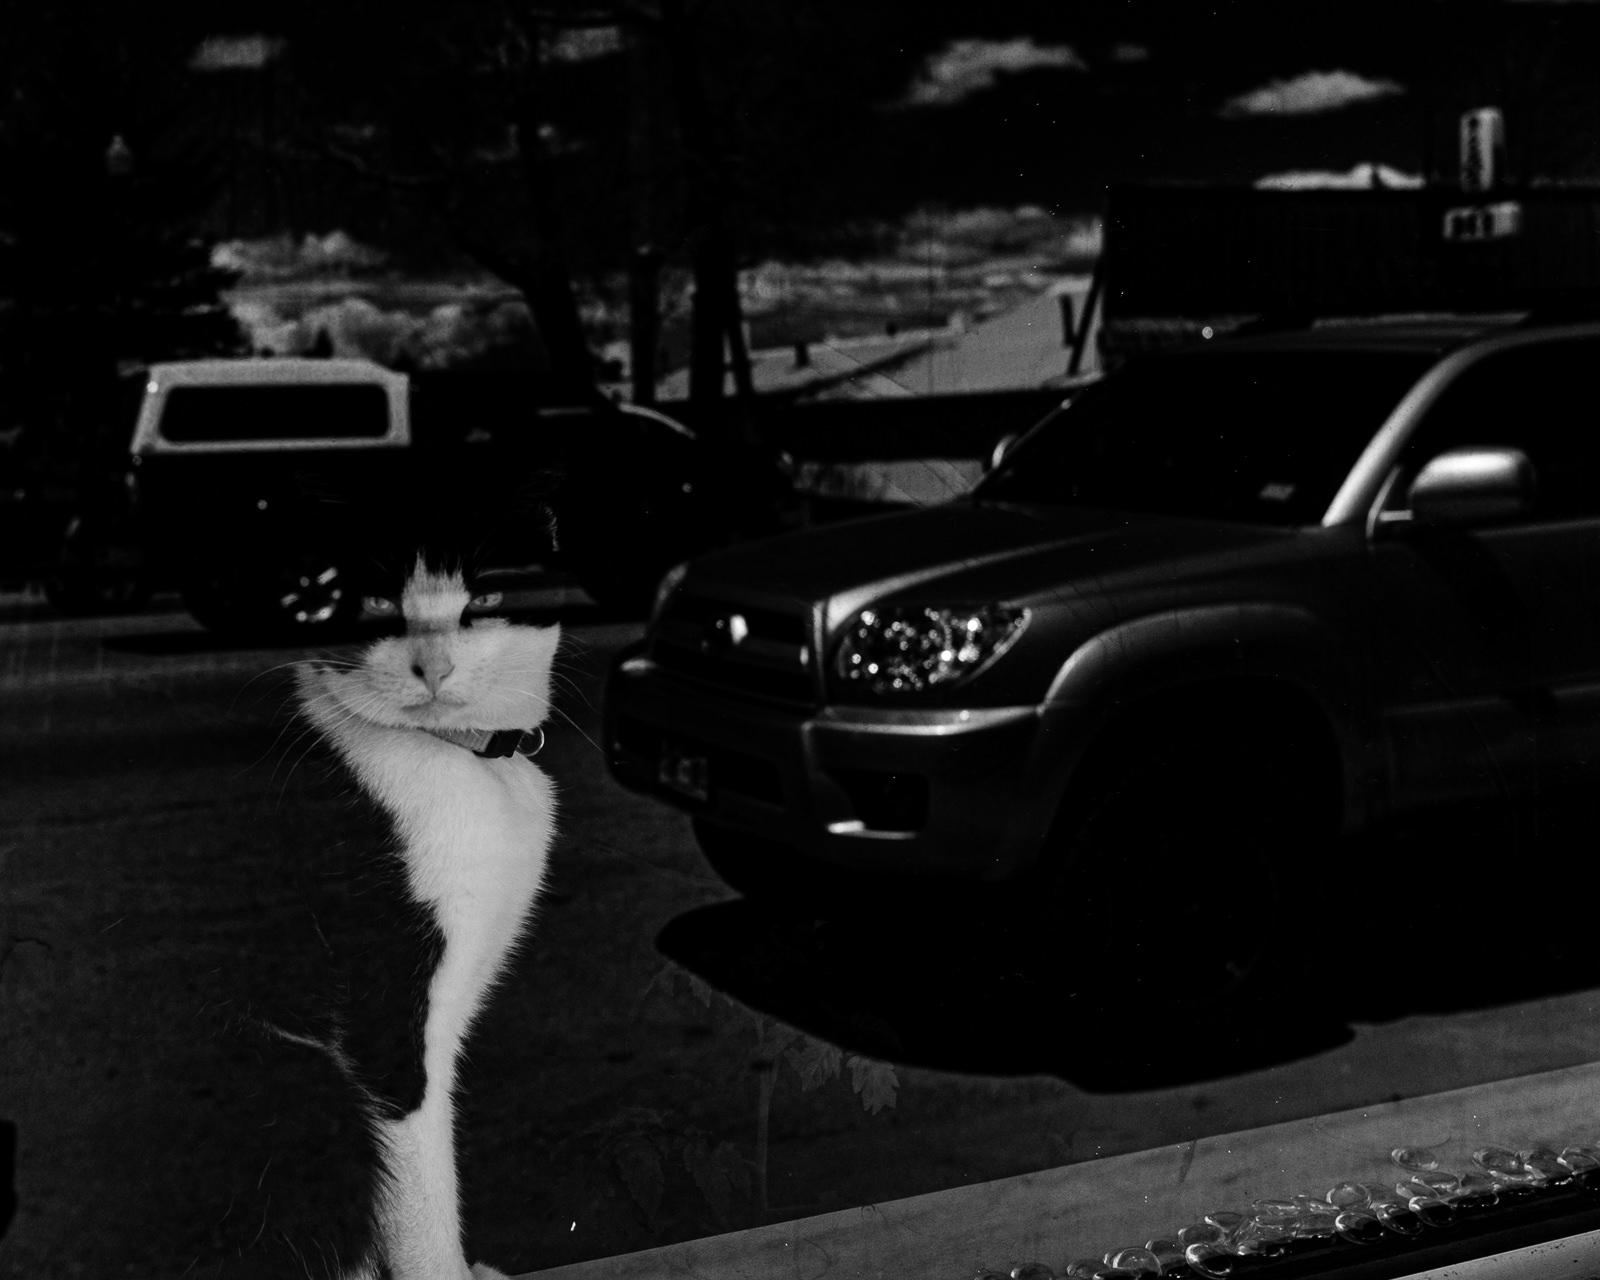 Fuji X-T3, XF23mm f/2, Acros R Film Simulation